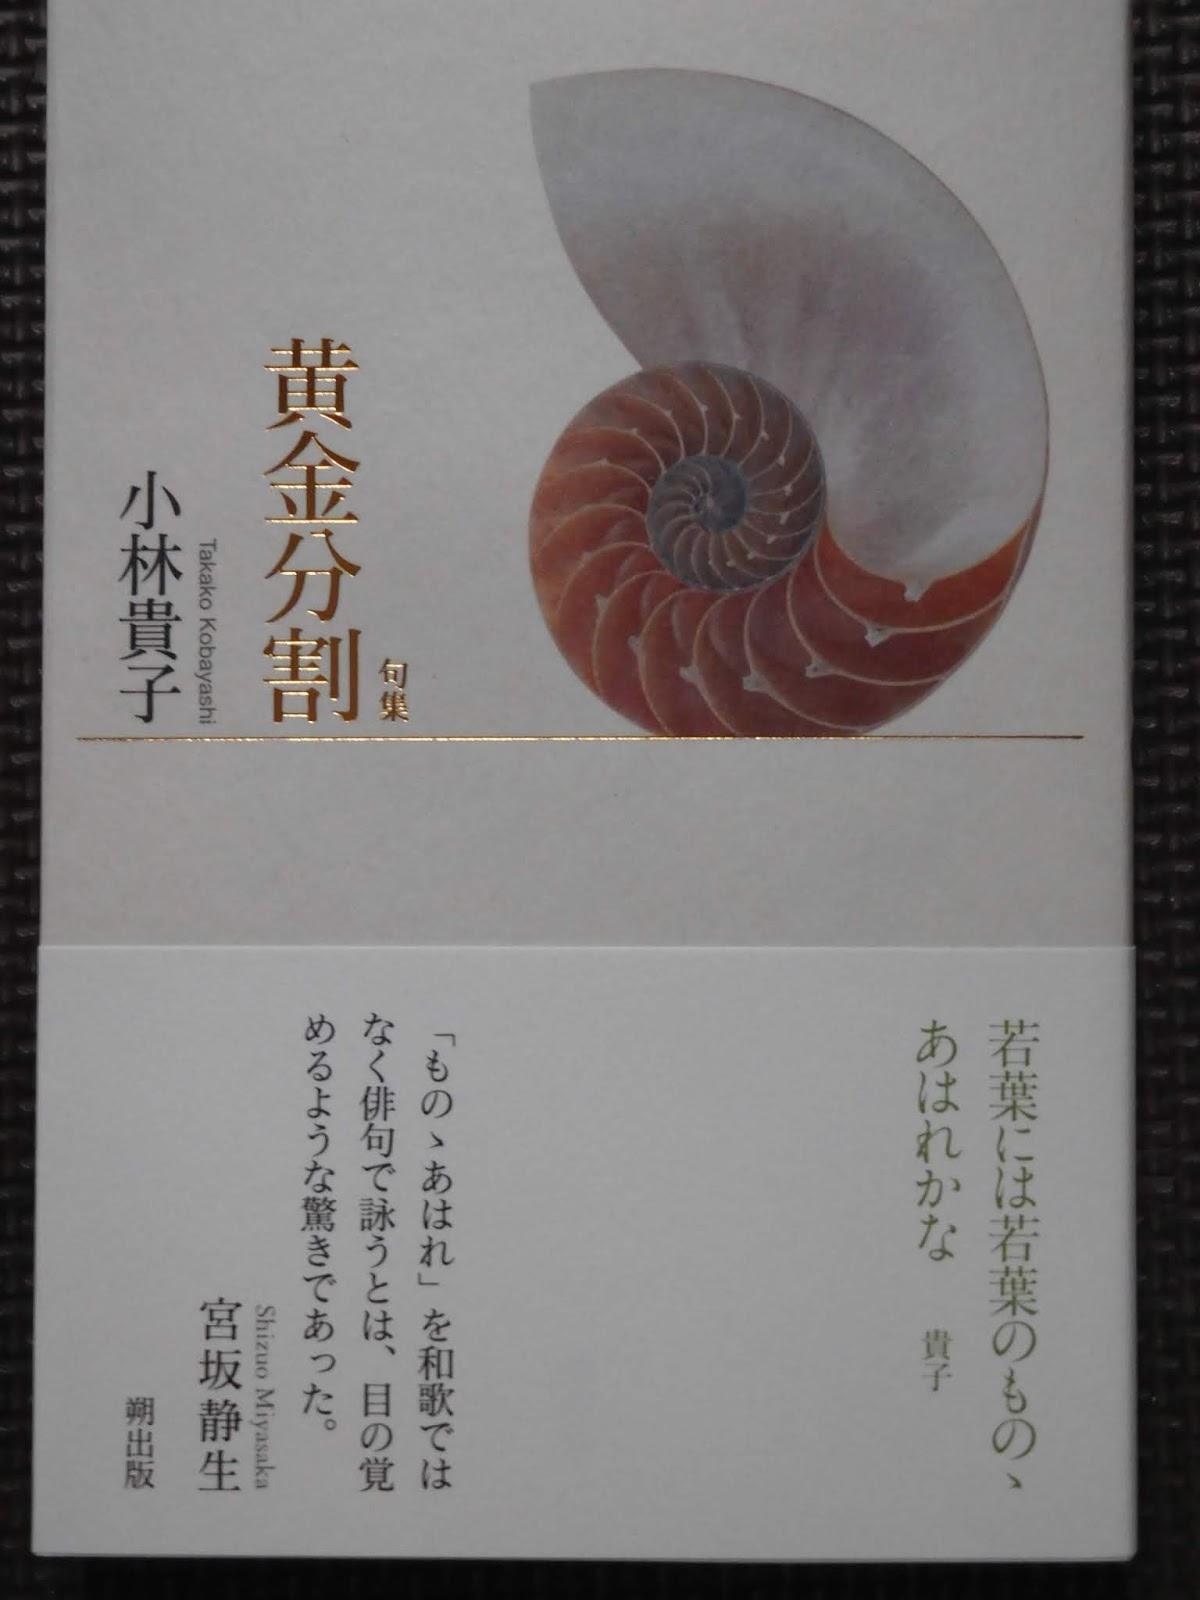 大井恒行の日日彼是: 小林貴子「雪晴の須藤徹がそこに居る」(『黄金 ...